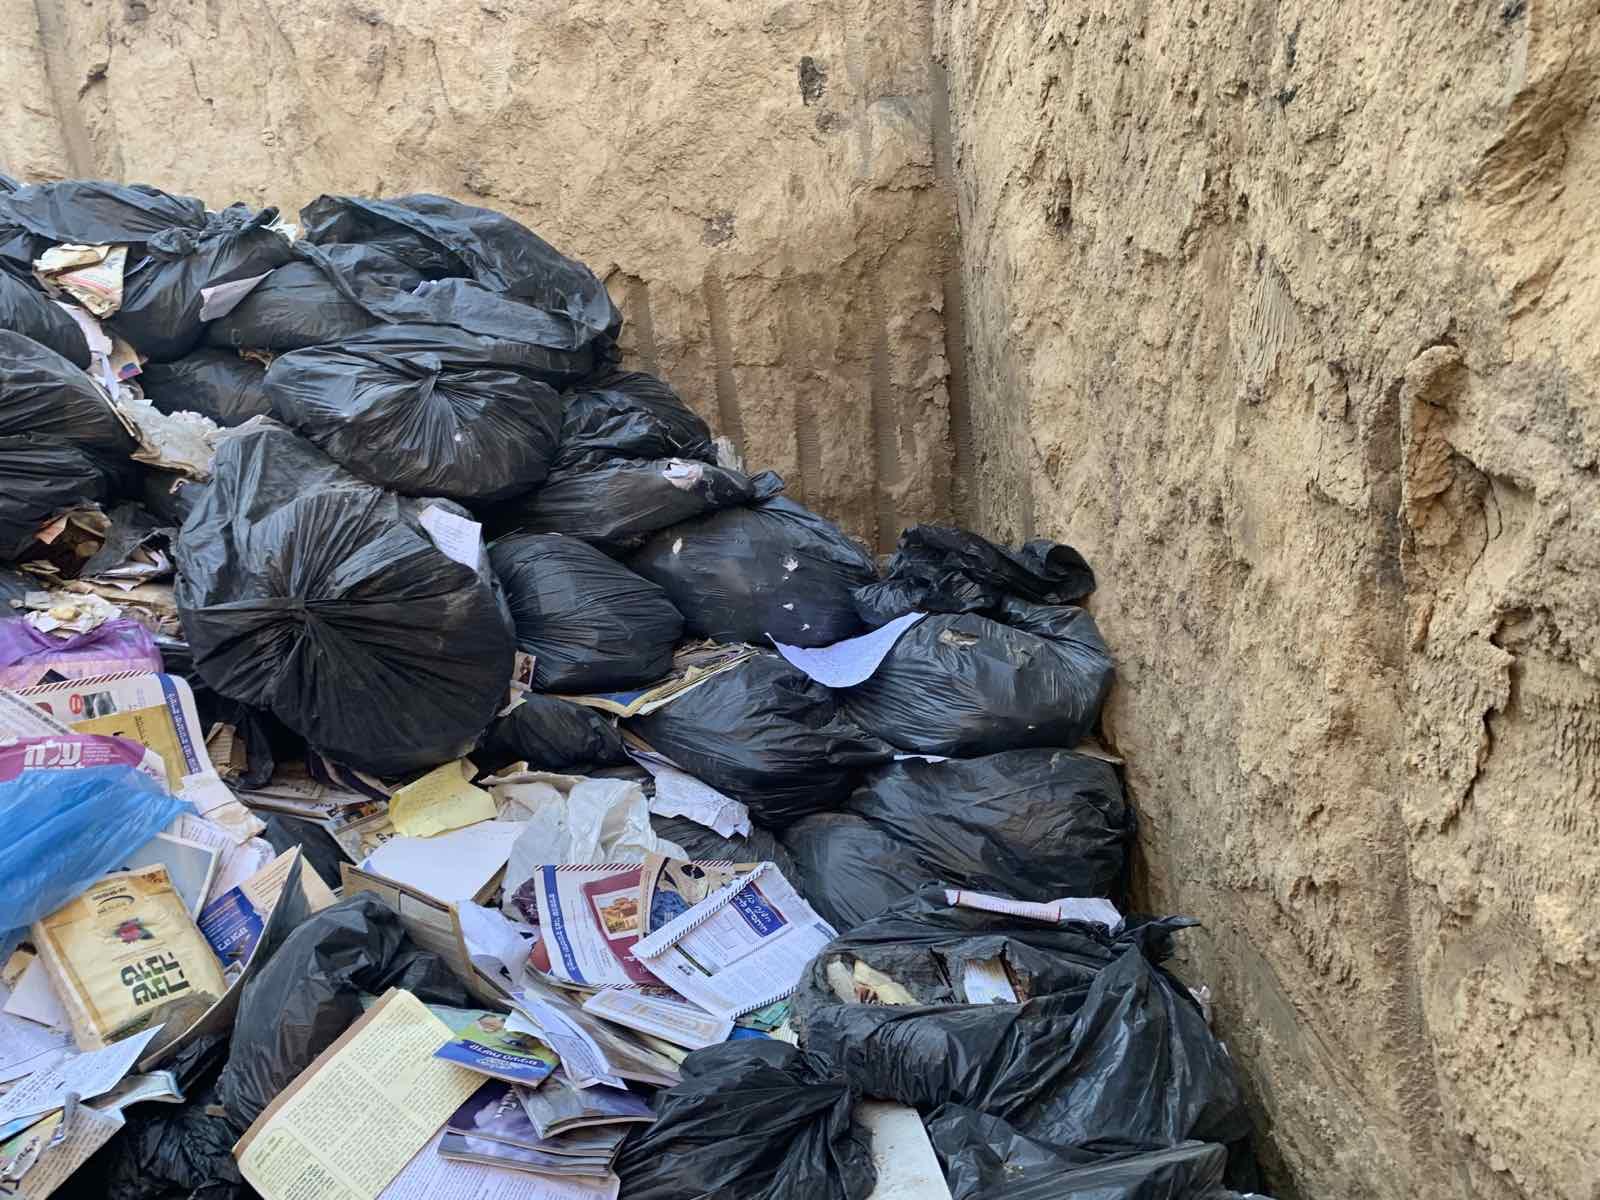 Керівника уманського товариства оштрафували за влаштування сміттєзвалища